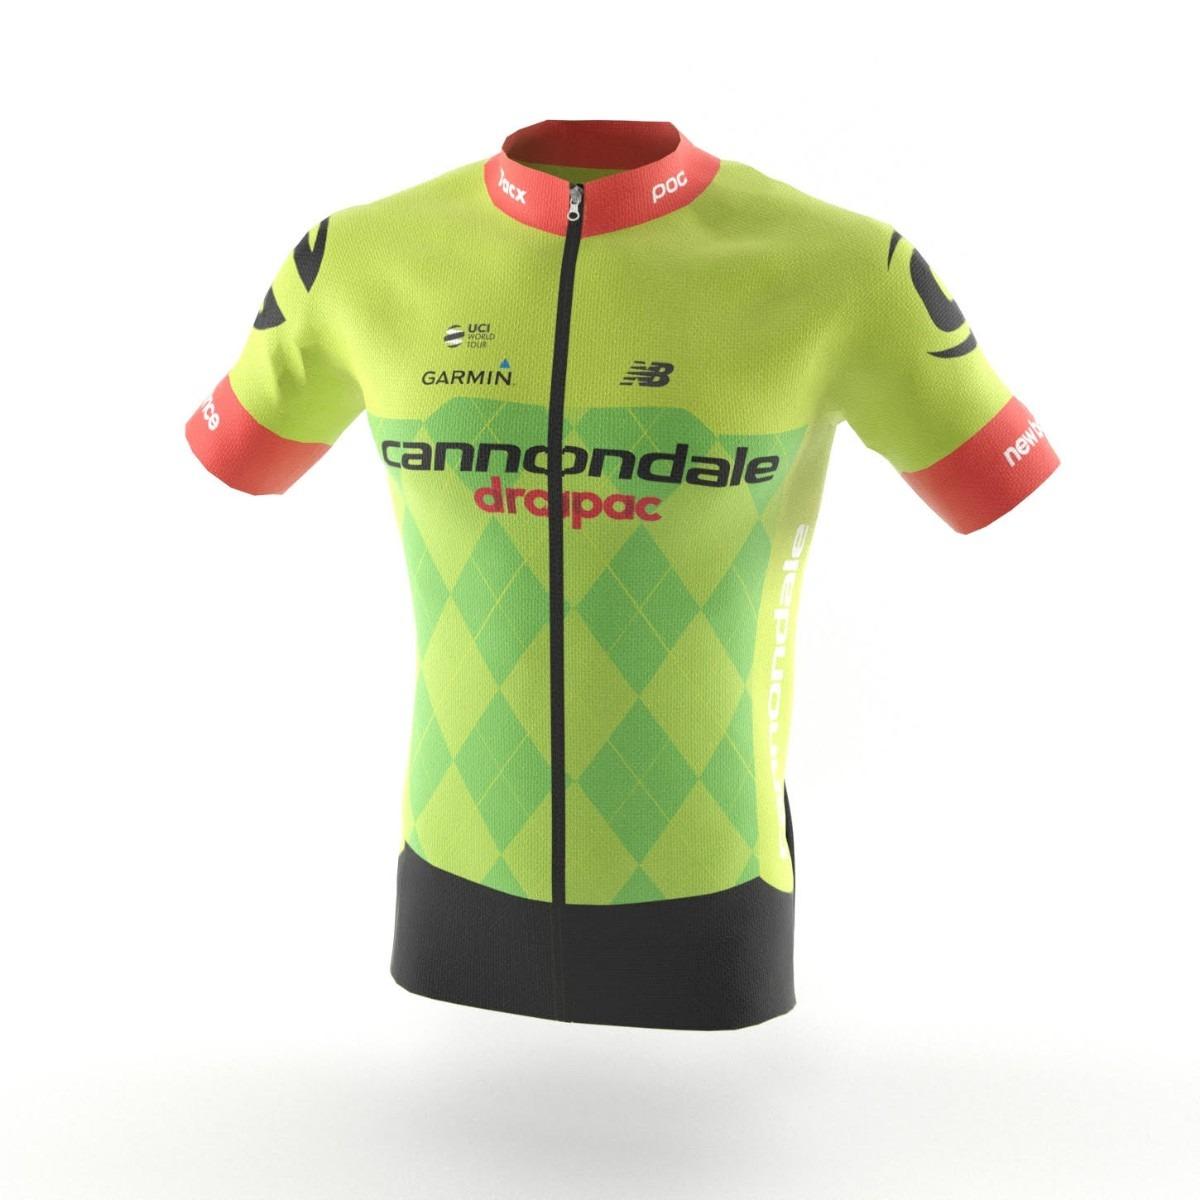 kit camisas ciclismo bmc g e sky g  frete grátis . Carregando zoom. 03a0c4b35d371